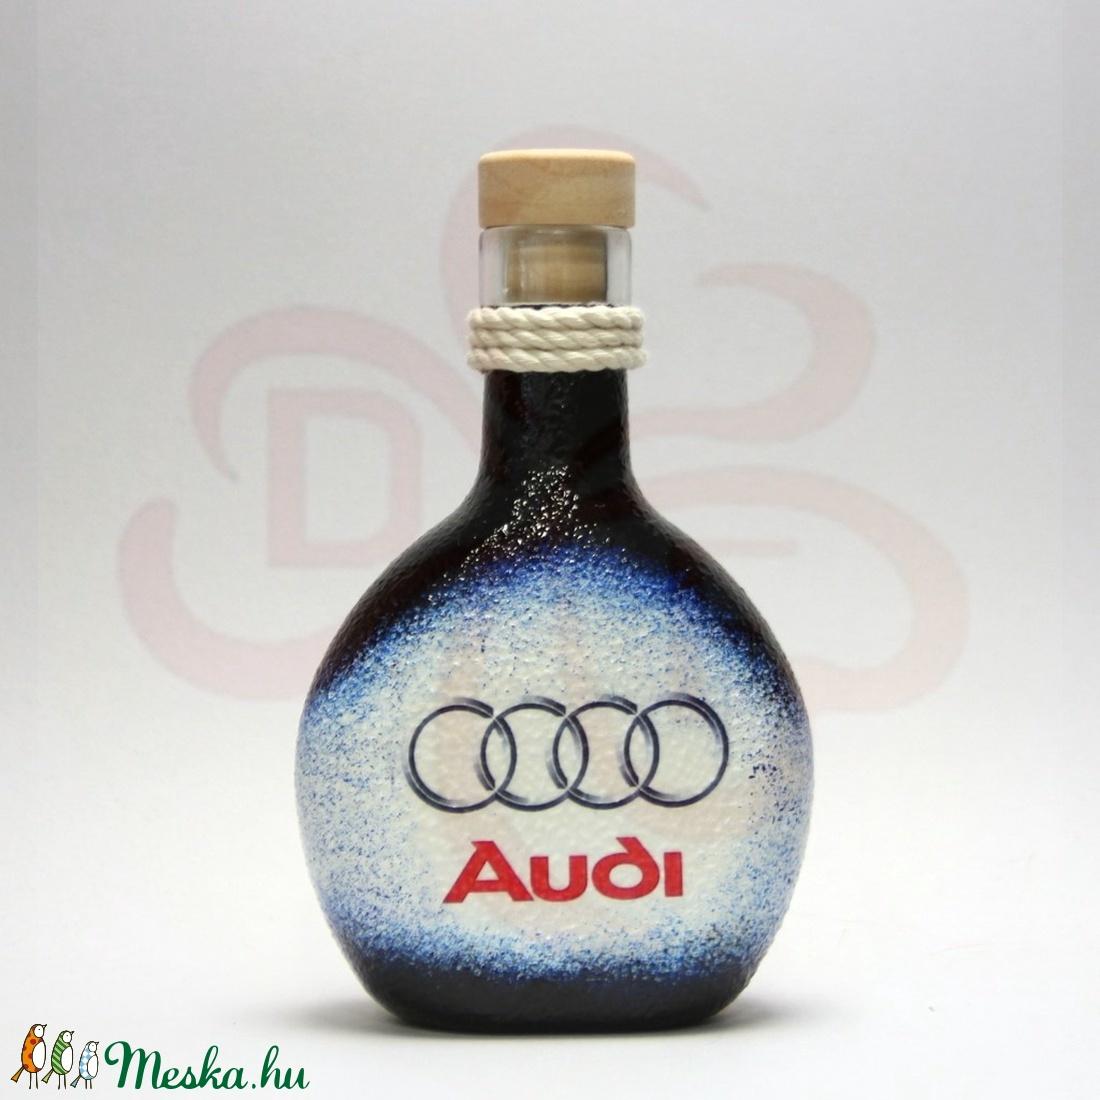 Audi pálinkás flaska ; Audi rajongóknak - Meska.hu